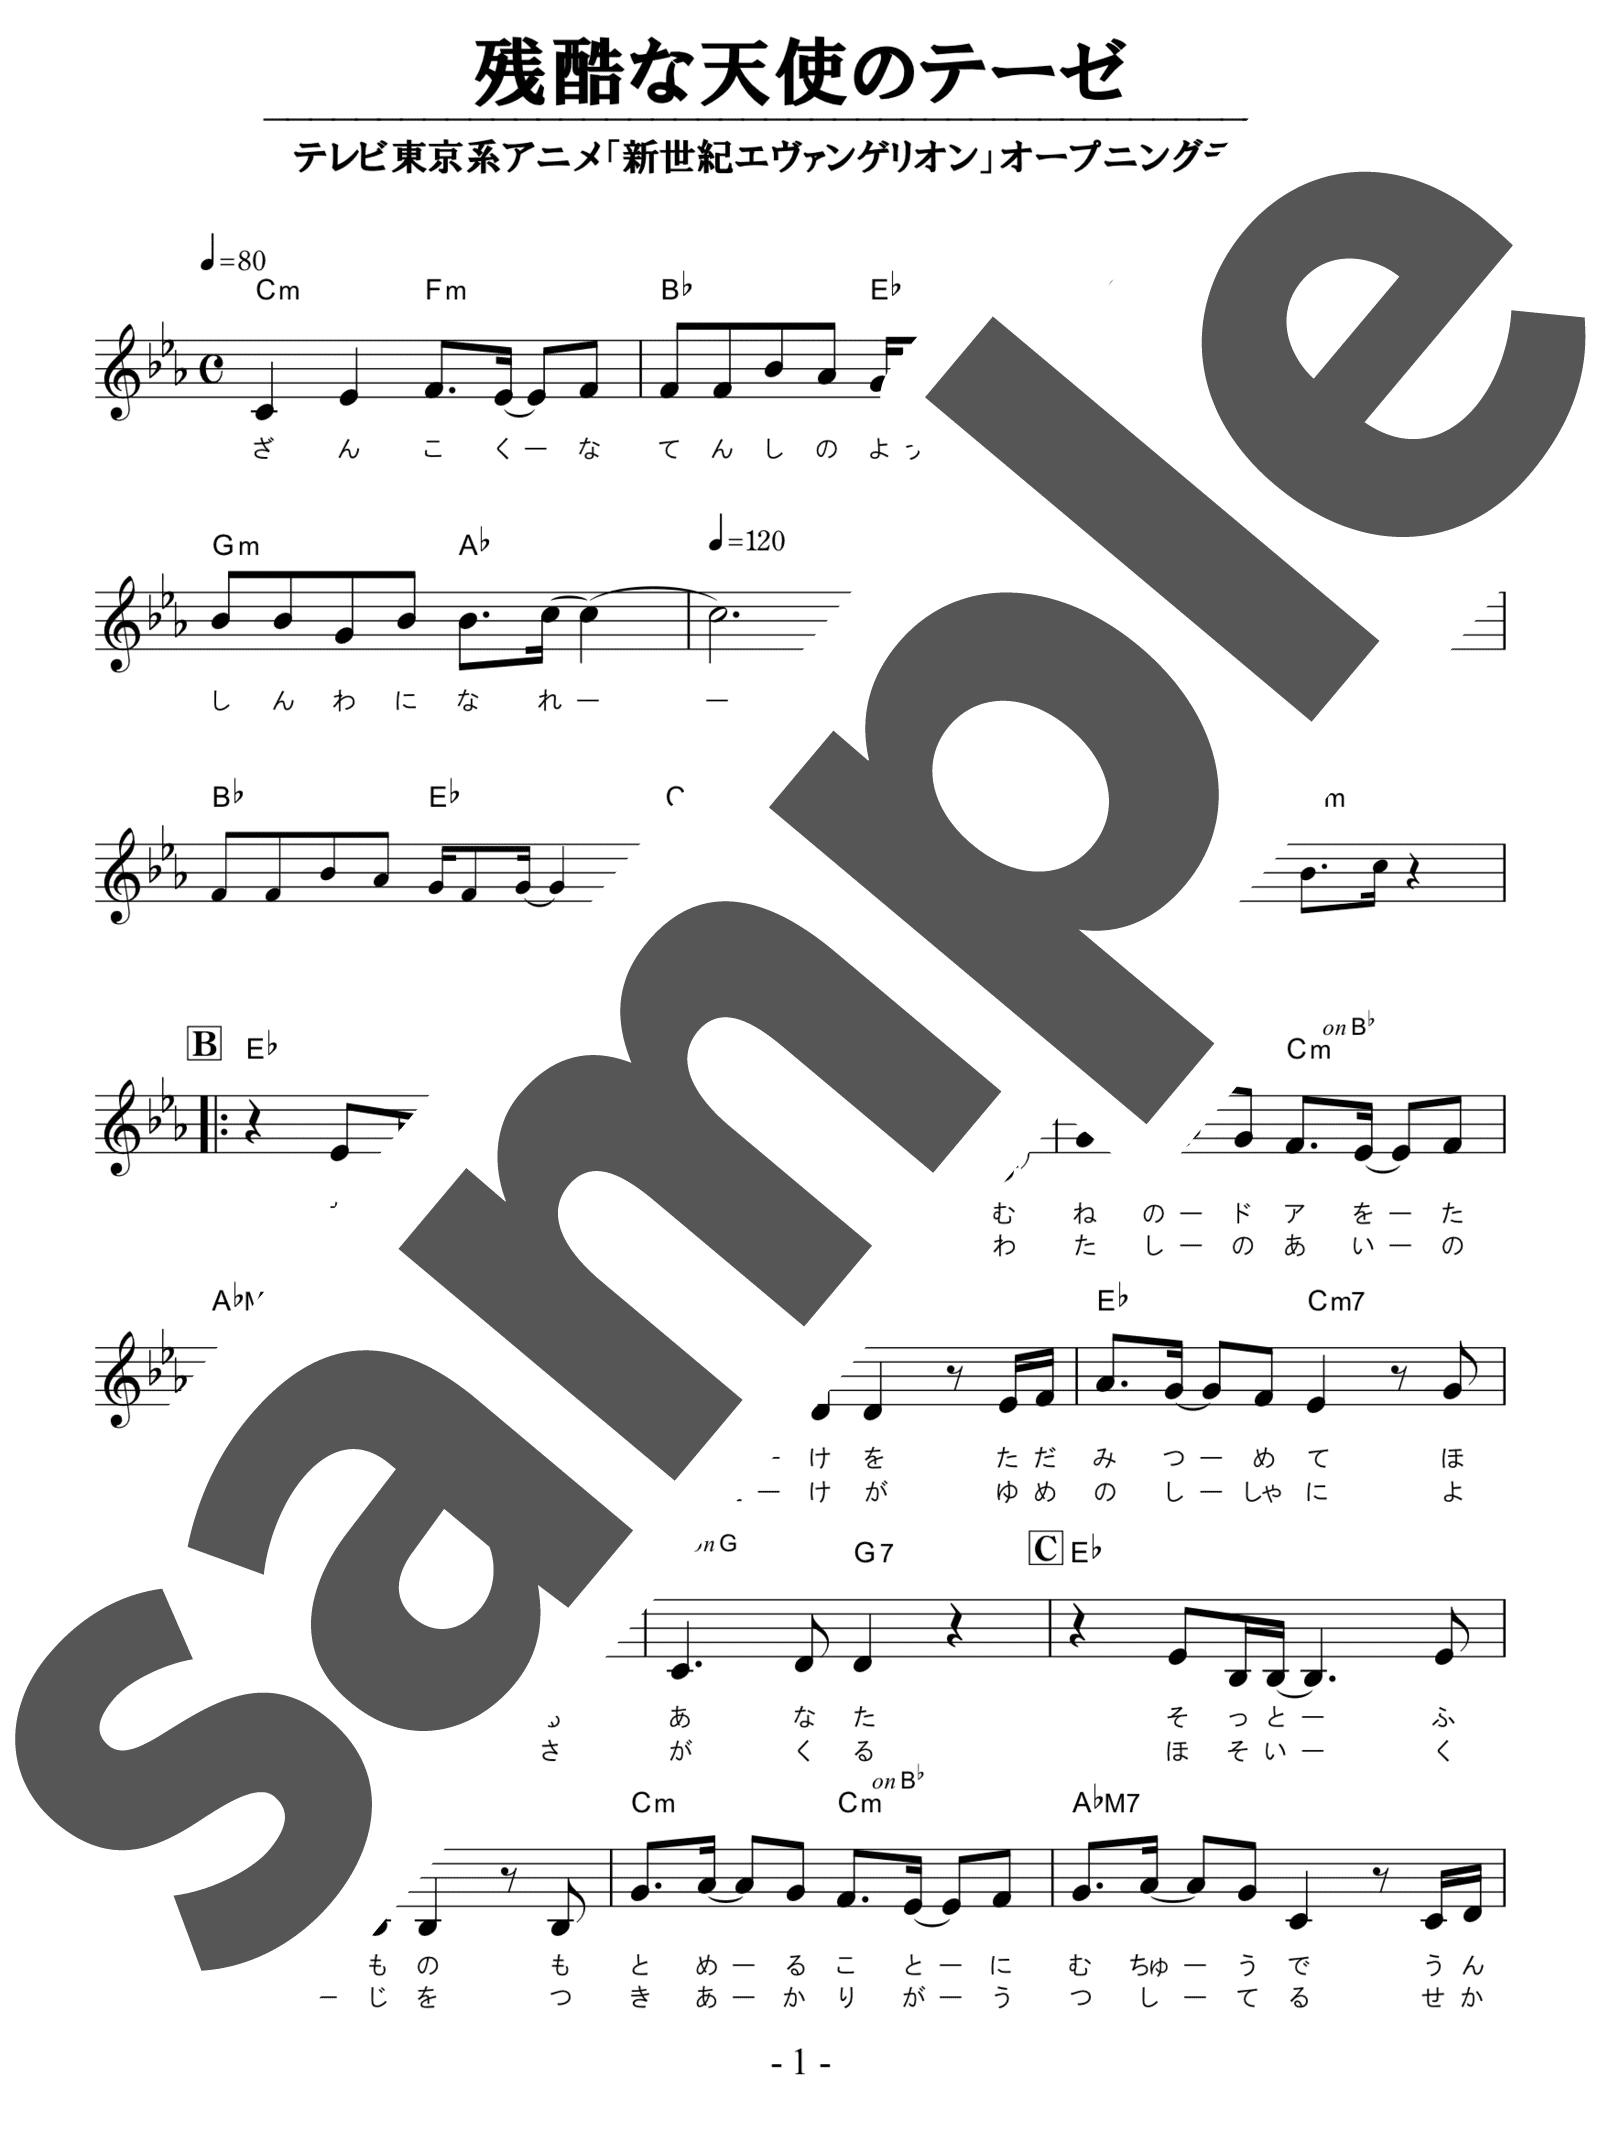 「残酷な天使のテーゼ」のサンプル楽譜